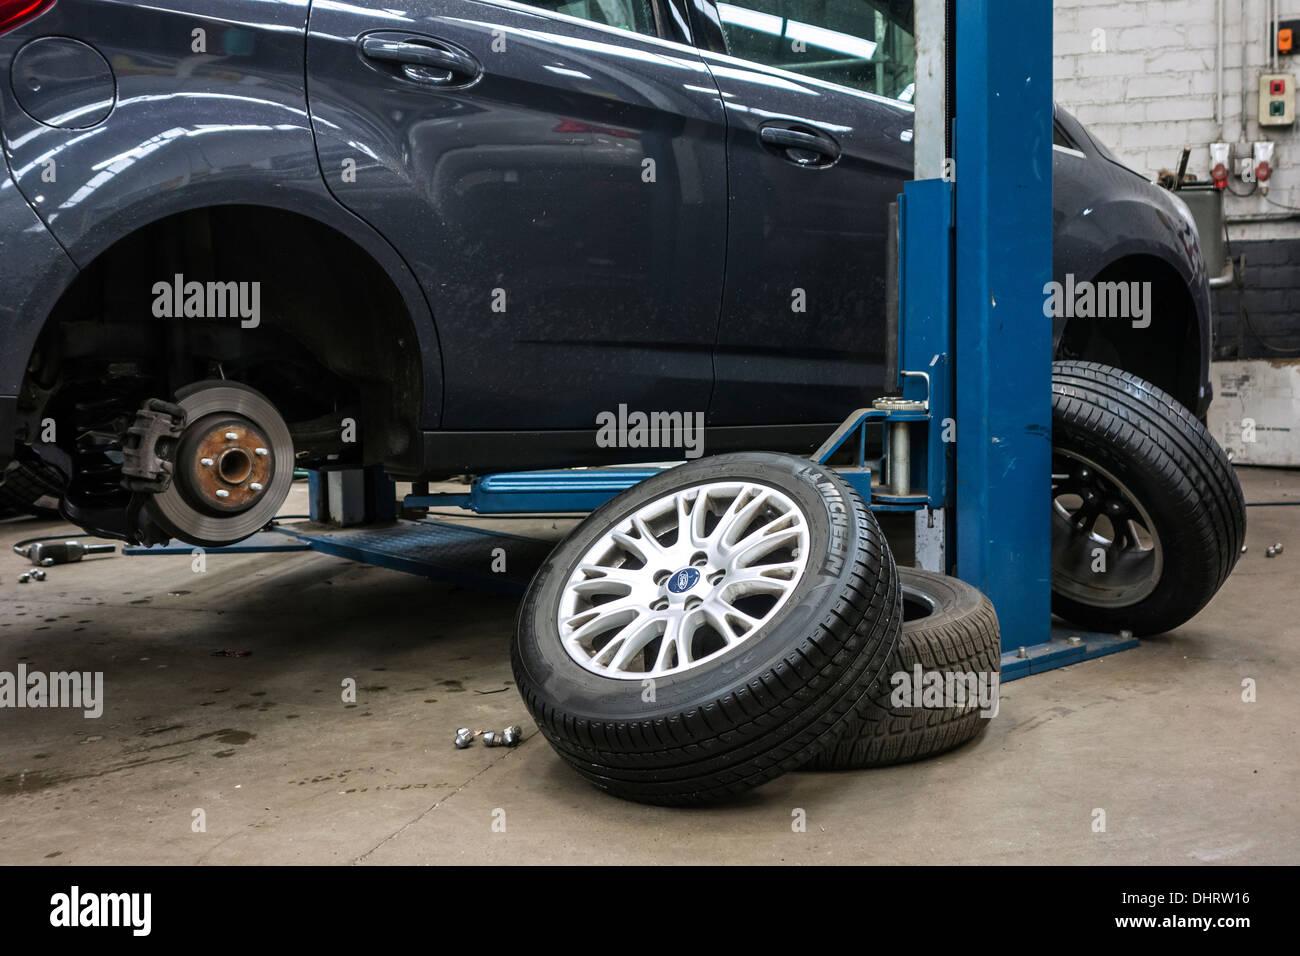 Modifica di pneumatici estivi e invernali di montaggio pneumatici sulle ruote delle auto sulla rampa in officina di assemblaggio del centro del pneumatico Immagini Stock